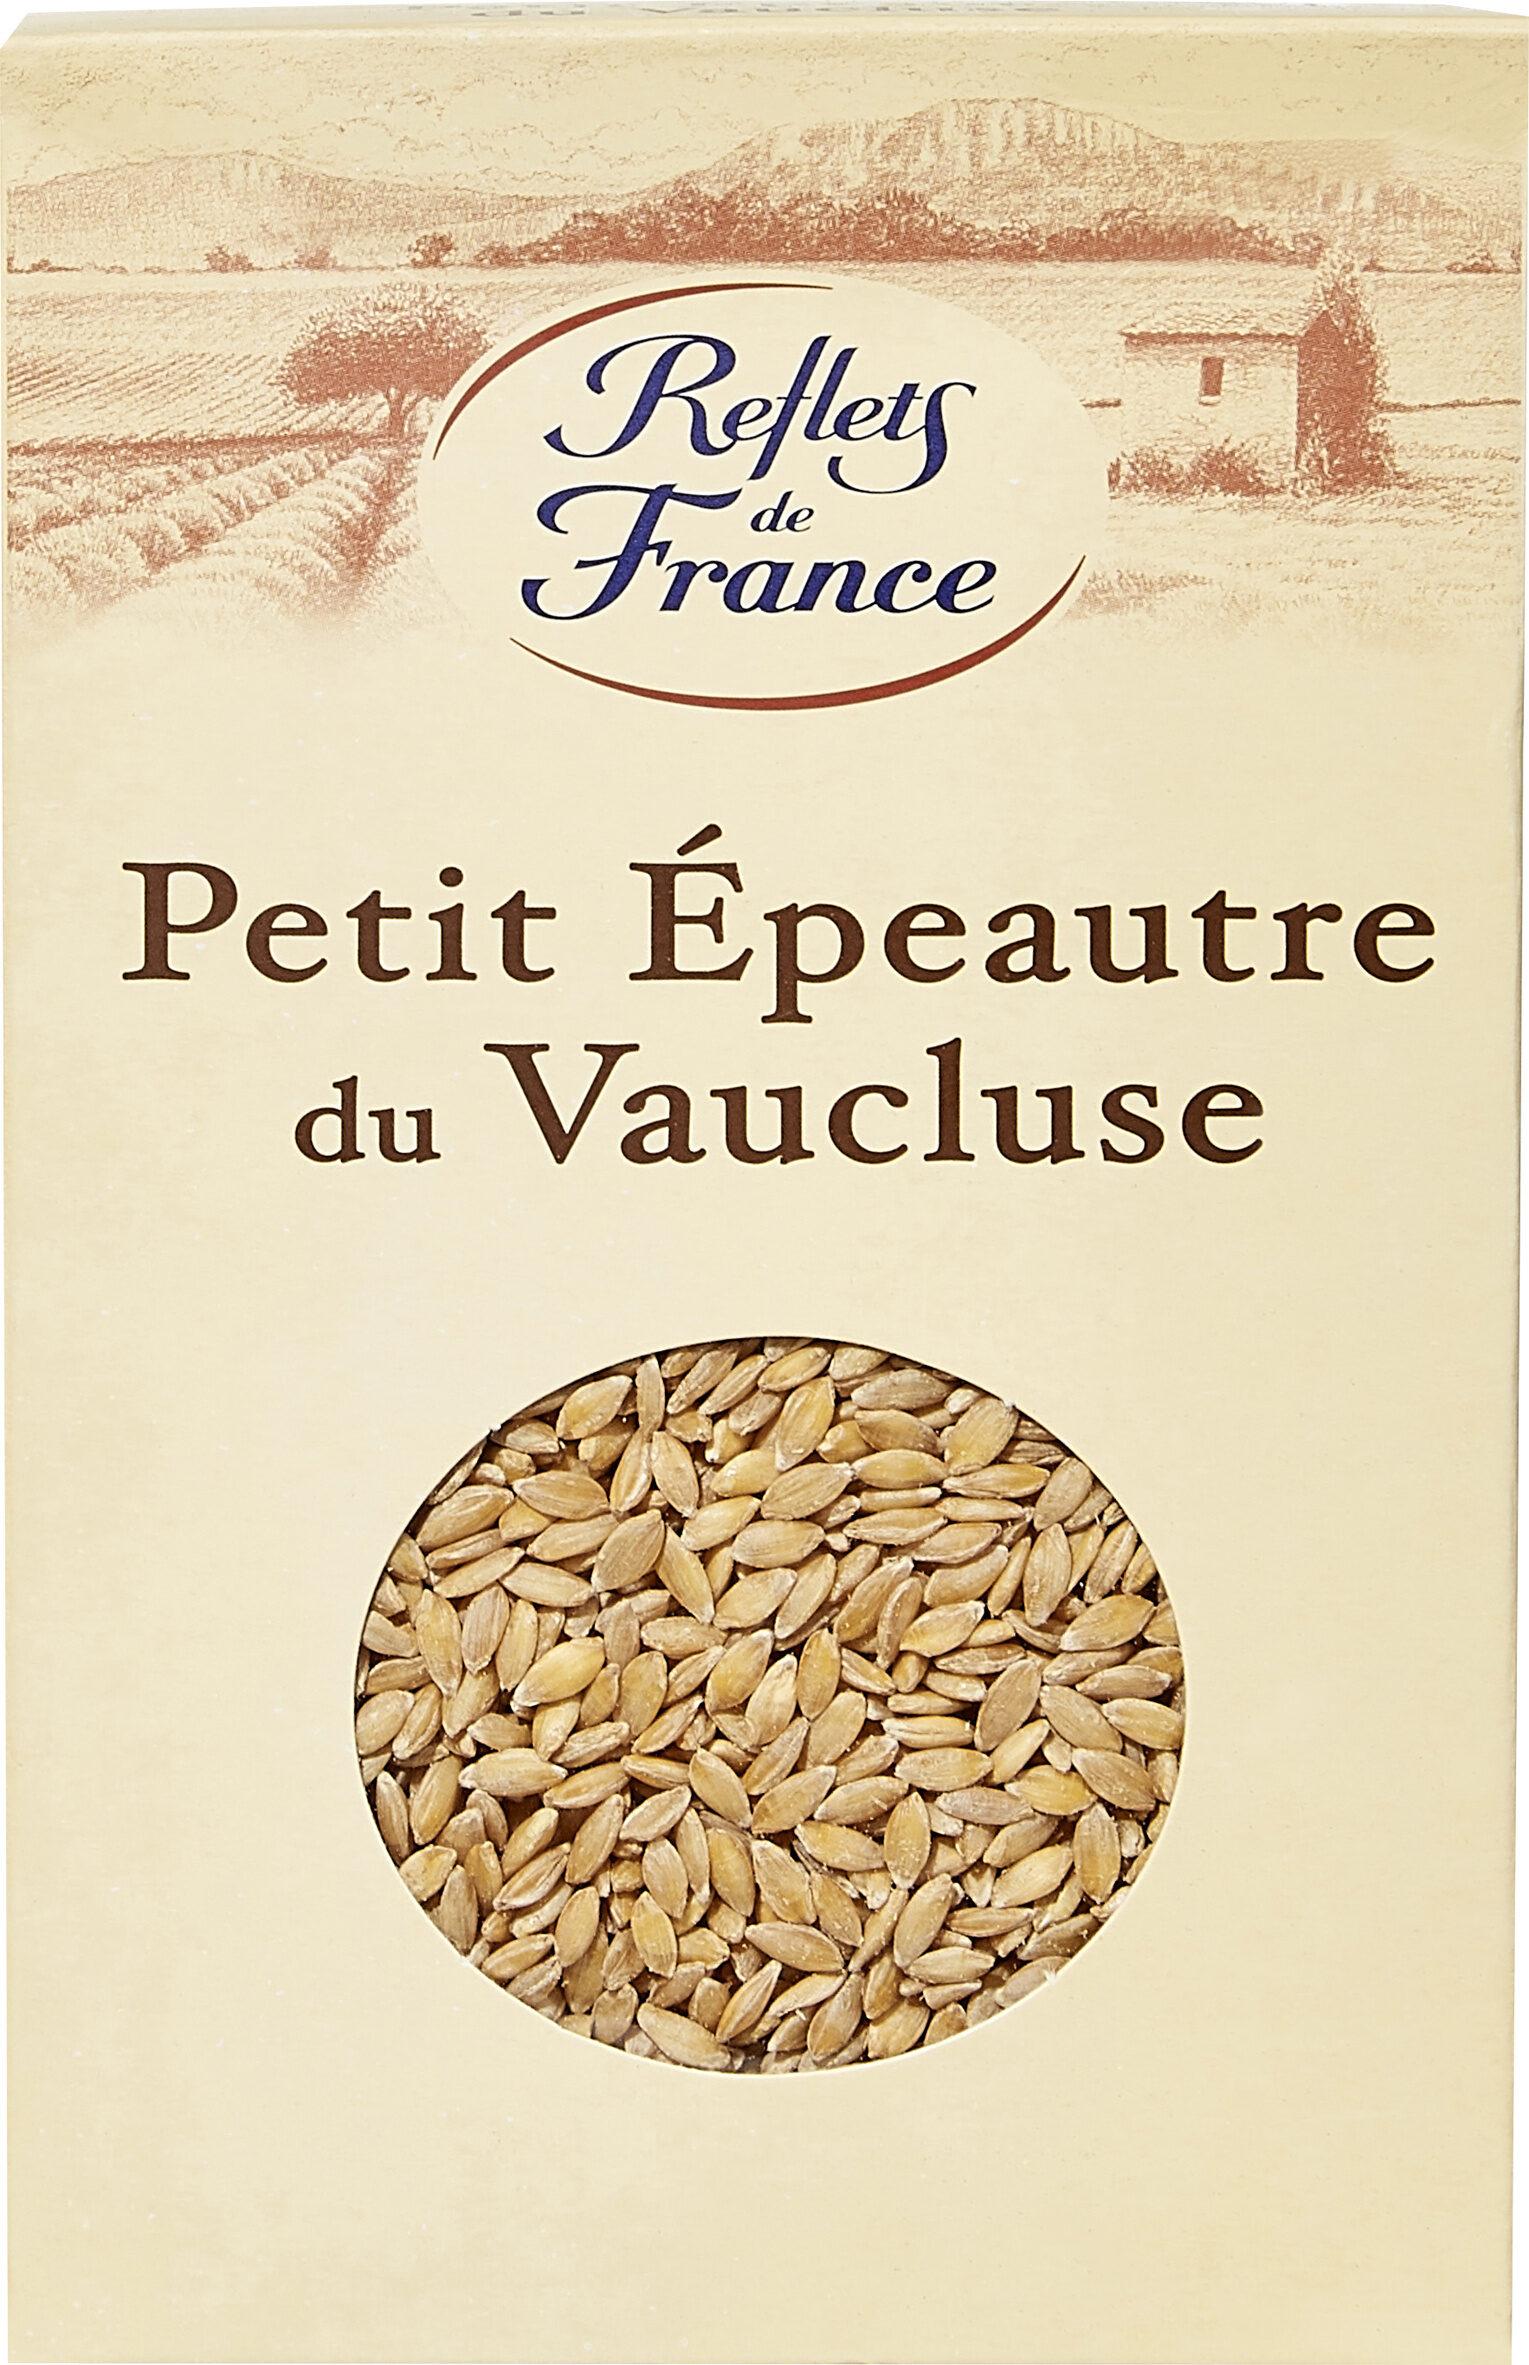 Petit Épeautre du Vaucluse - Prodotto - fr